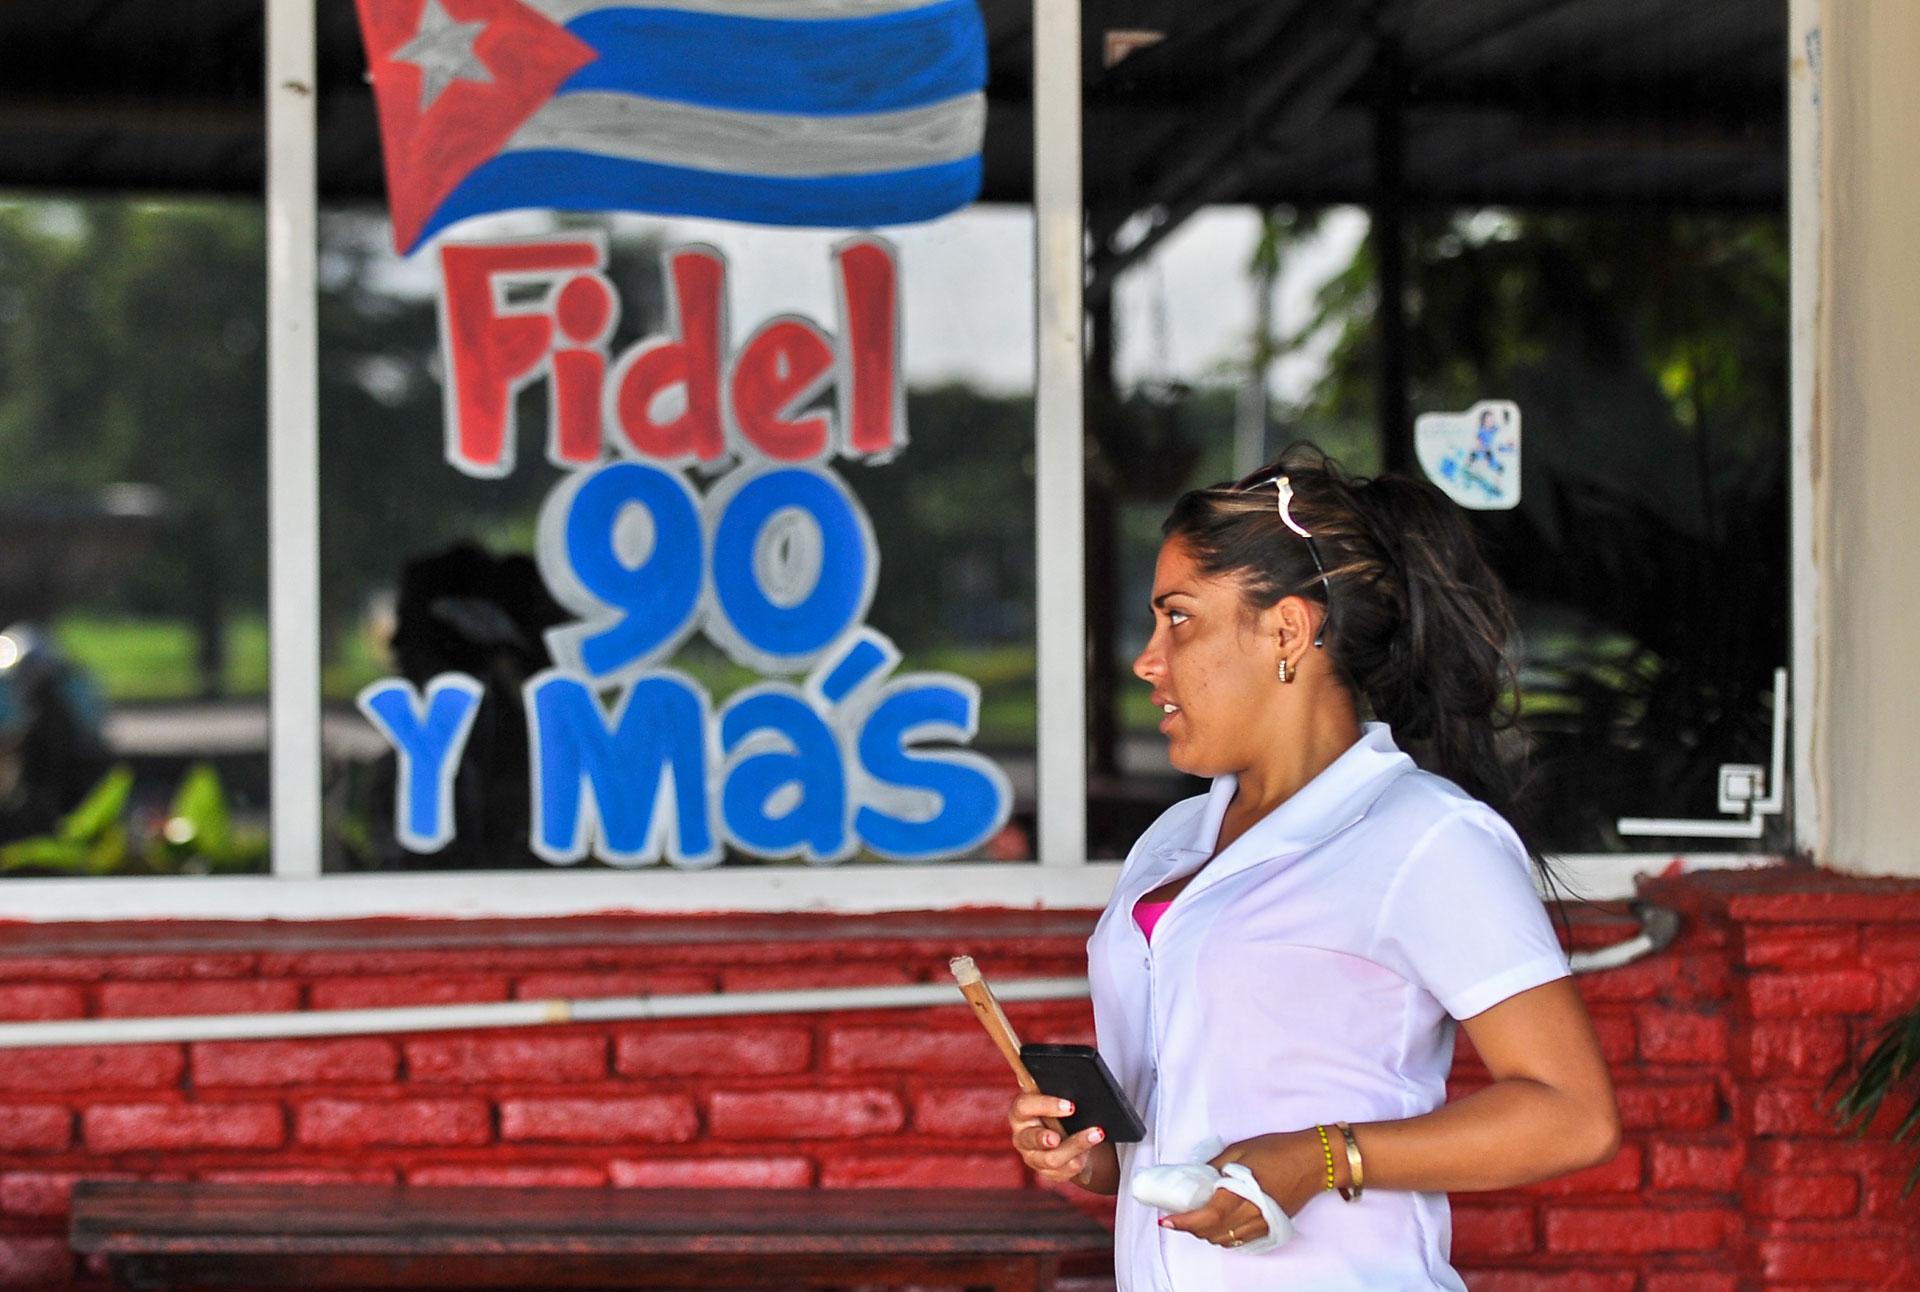 Fue enviado a estudiar con los jesuitas y posteriormente a la Universidad de La Habana, donde se recibió de abogado (AFP)